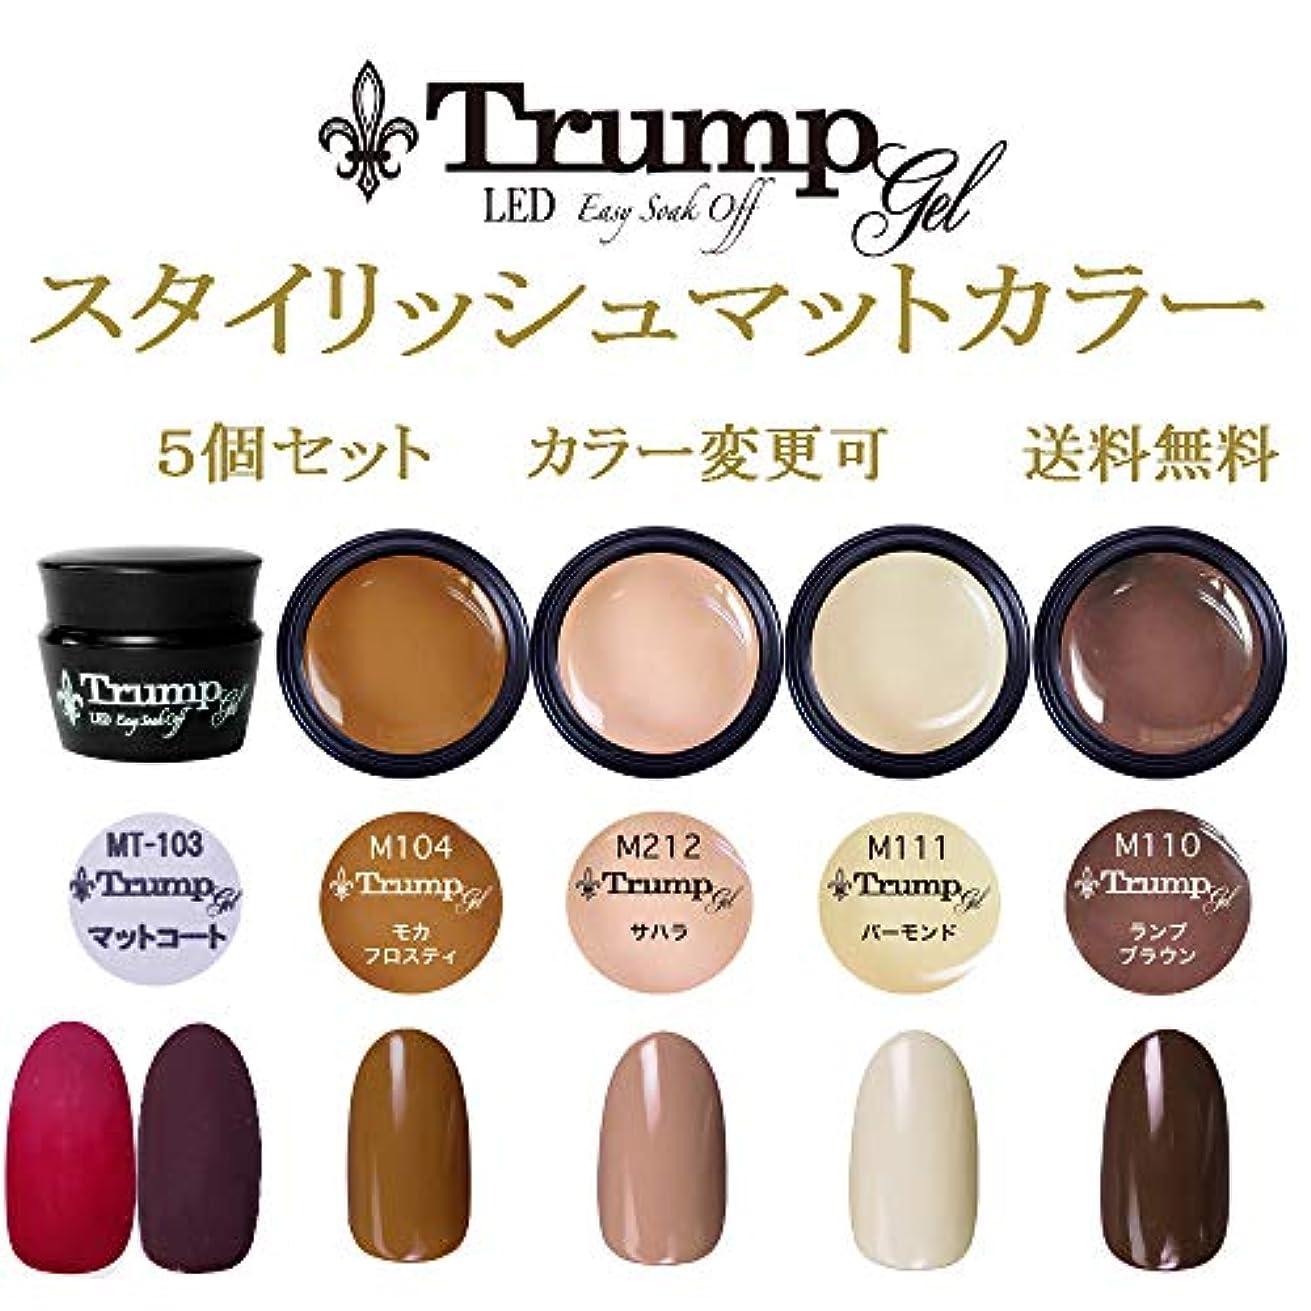 厳しい構造周辺【送料無料】日本製 Trump gel トランプジェル スタイリッシュマットカラージェル5個セット 5個セット マットカラー ベージュ ブラウン マスタード カラー